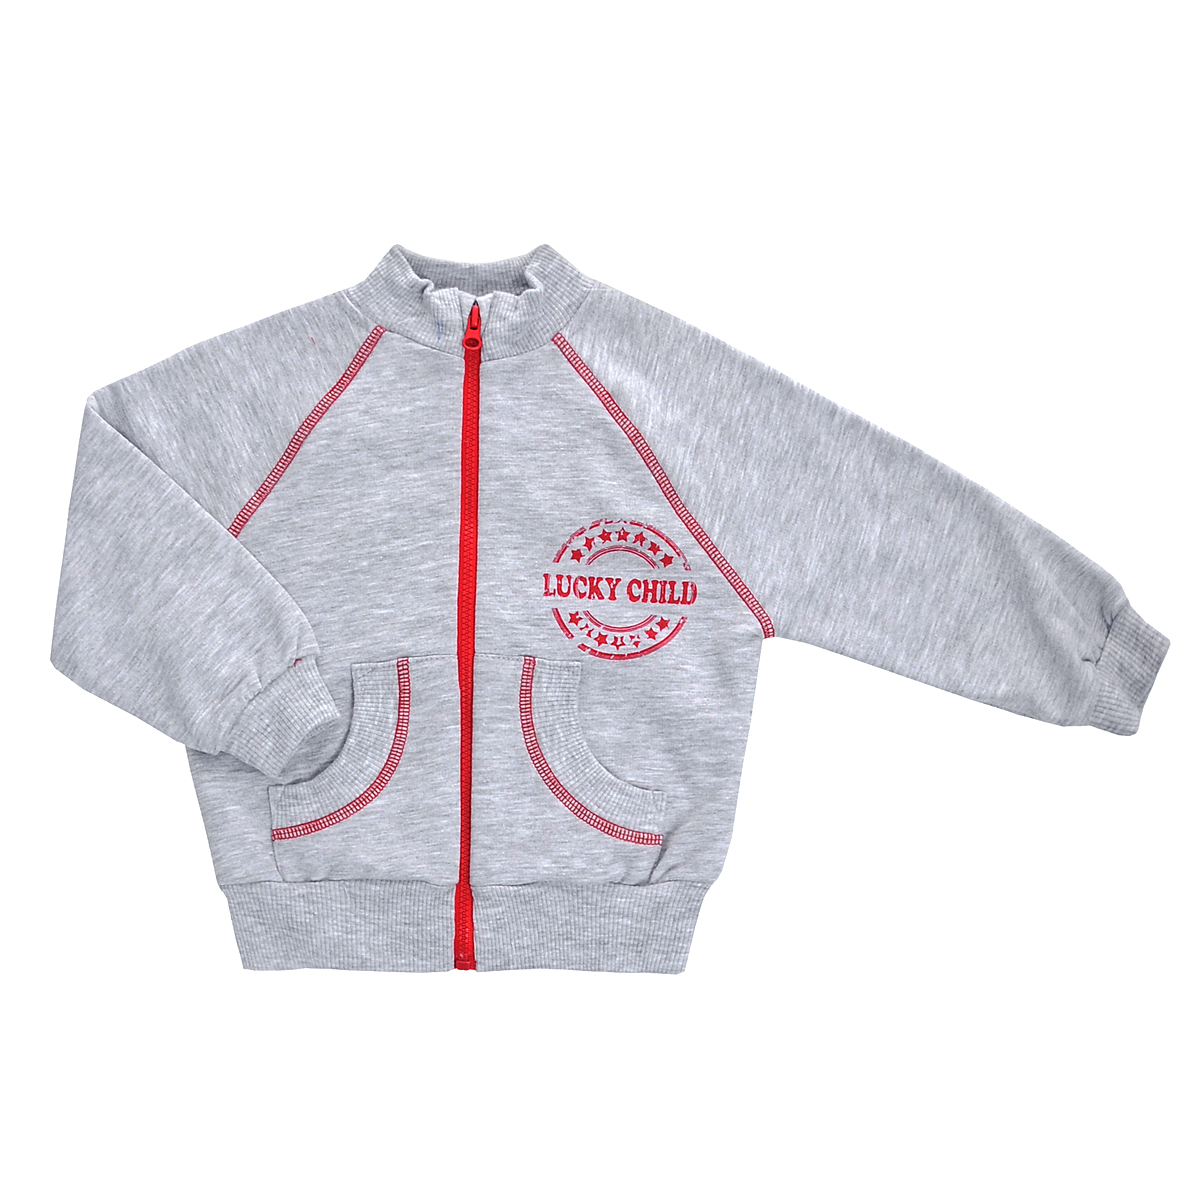 Толстовка детская Lucky Child, цвет: серый. 8-15. Размер 110/116